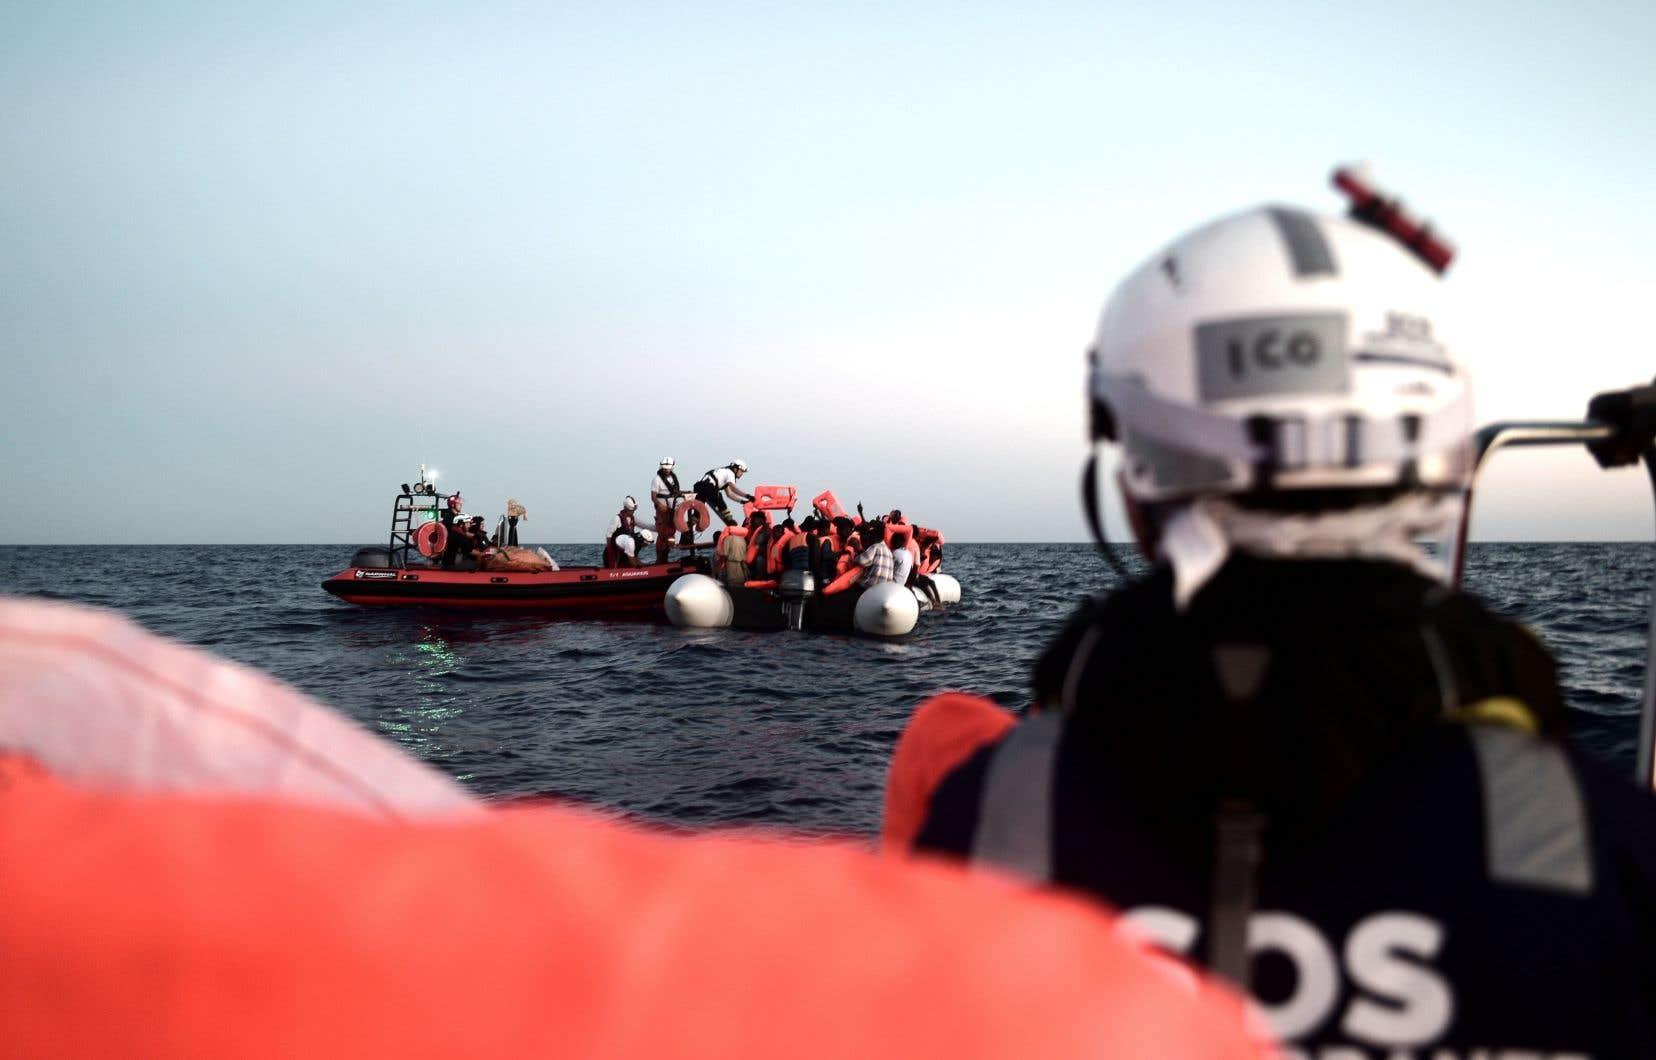 Des milliers de réfugiés se noient chaque année dans la Méditerranée en fuyant la Libye et la Syrie.